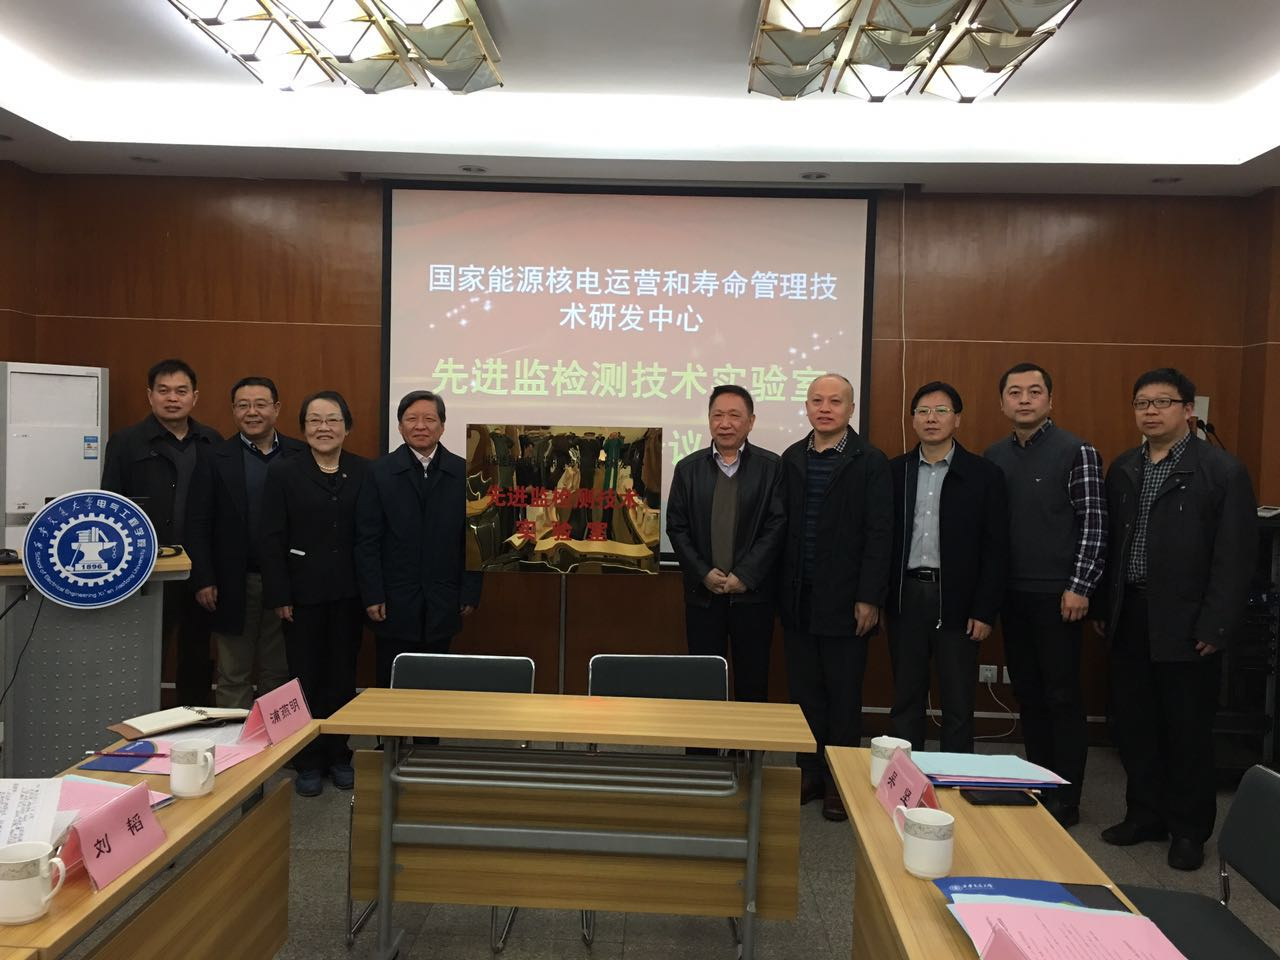 中广核与西安交通大学联合成立先进监检测技术实验室